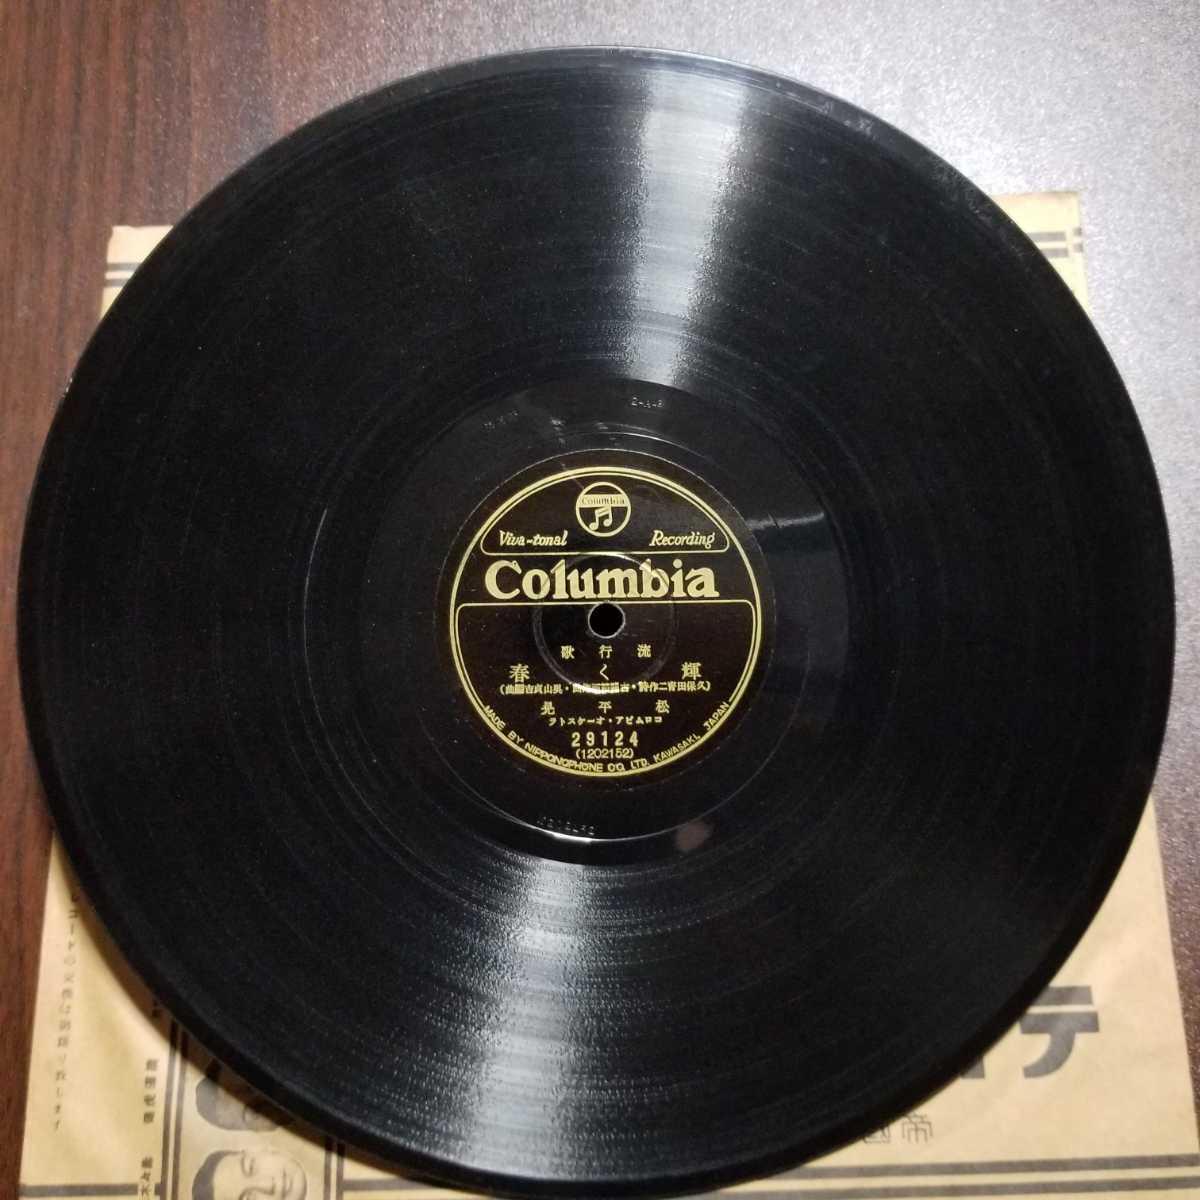 流行歌 輝く春 松平晃 ※ あの山越えて ミス・コロムビア 蓄音機SPレコード盤10インチ(25cm) (16_画像5